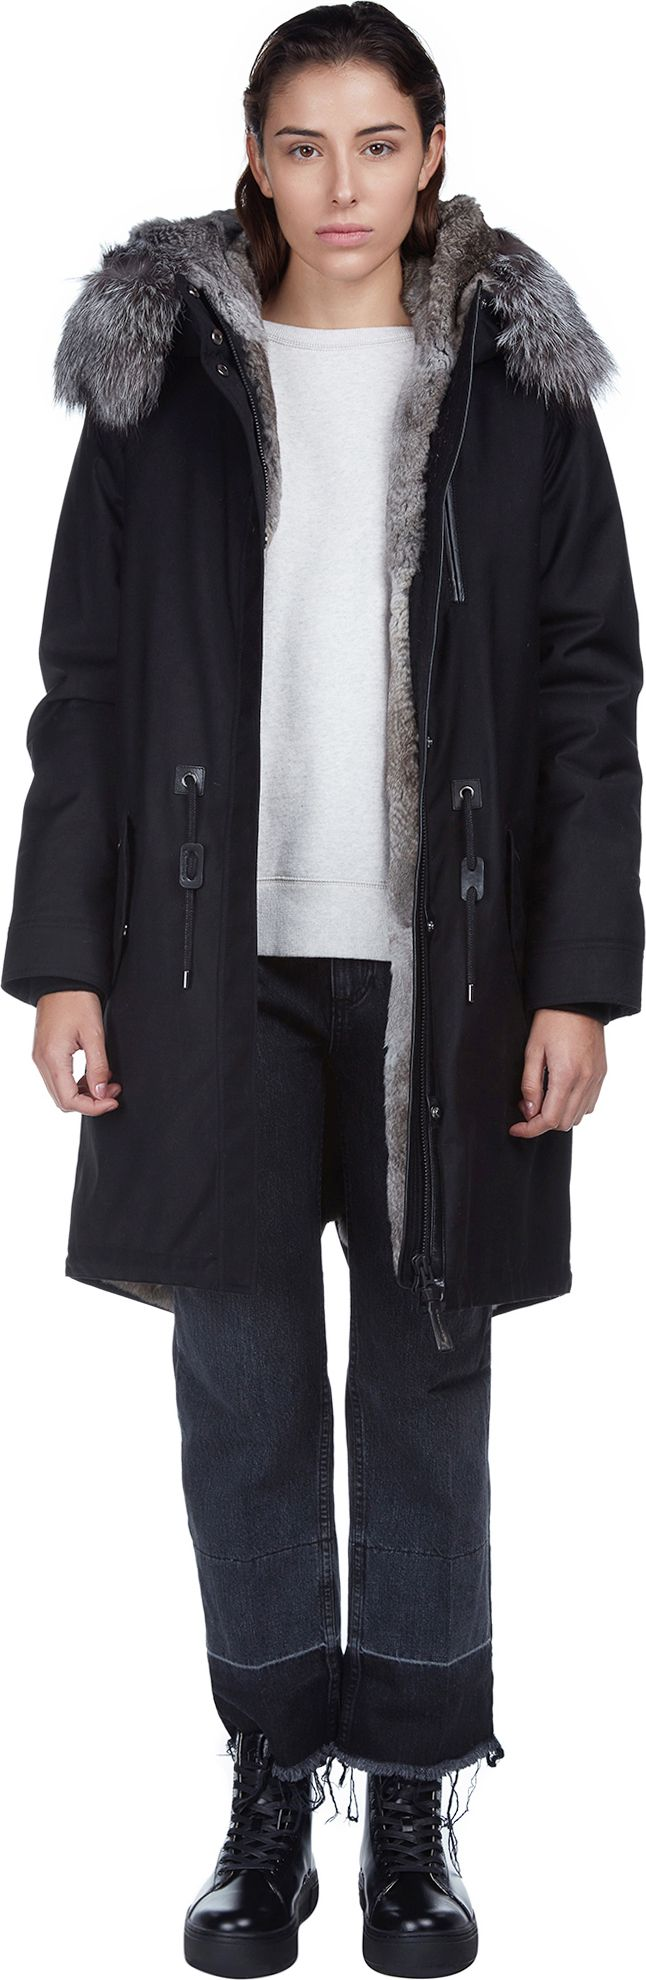 RENA-X Ladies Parka w/ Fur At Hood Rabbit Lined | Mackage | LOIT